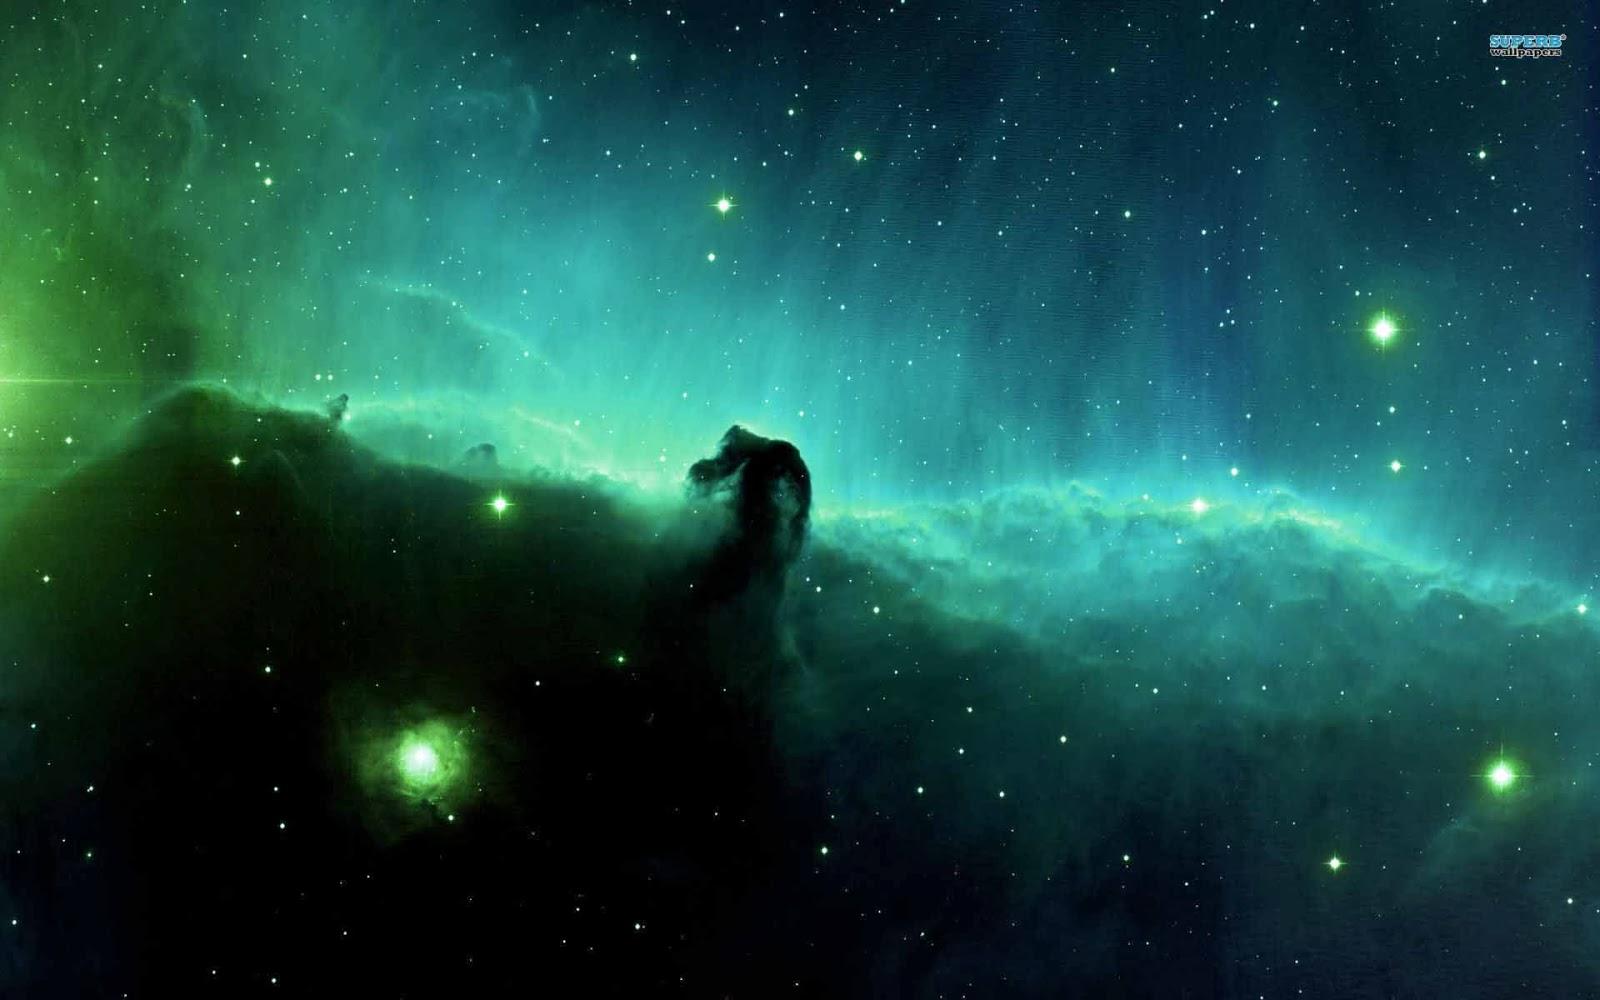 animated nebula wallpaper - photo #42